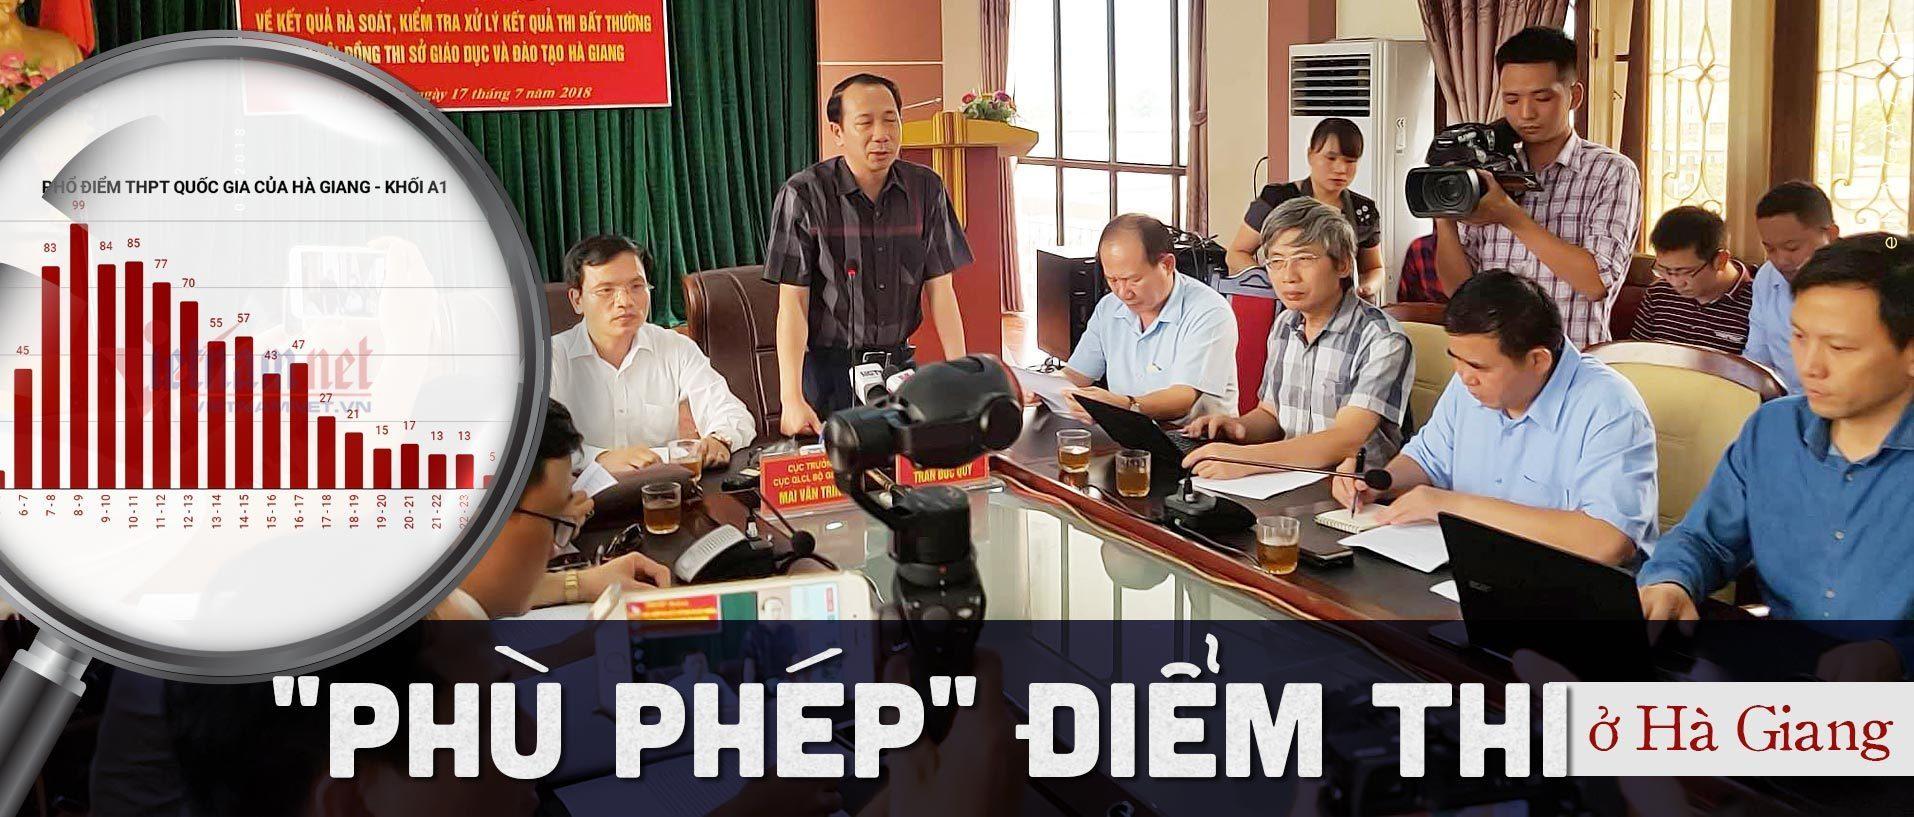 Sau phanh phui, kỳ thi 2019 sẽ trong sạch hay gian lận tinh vi hơn?-1